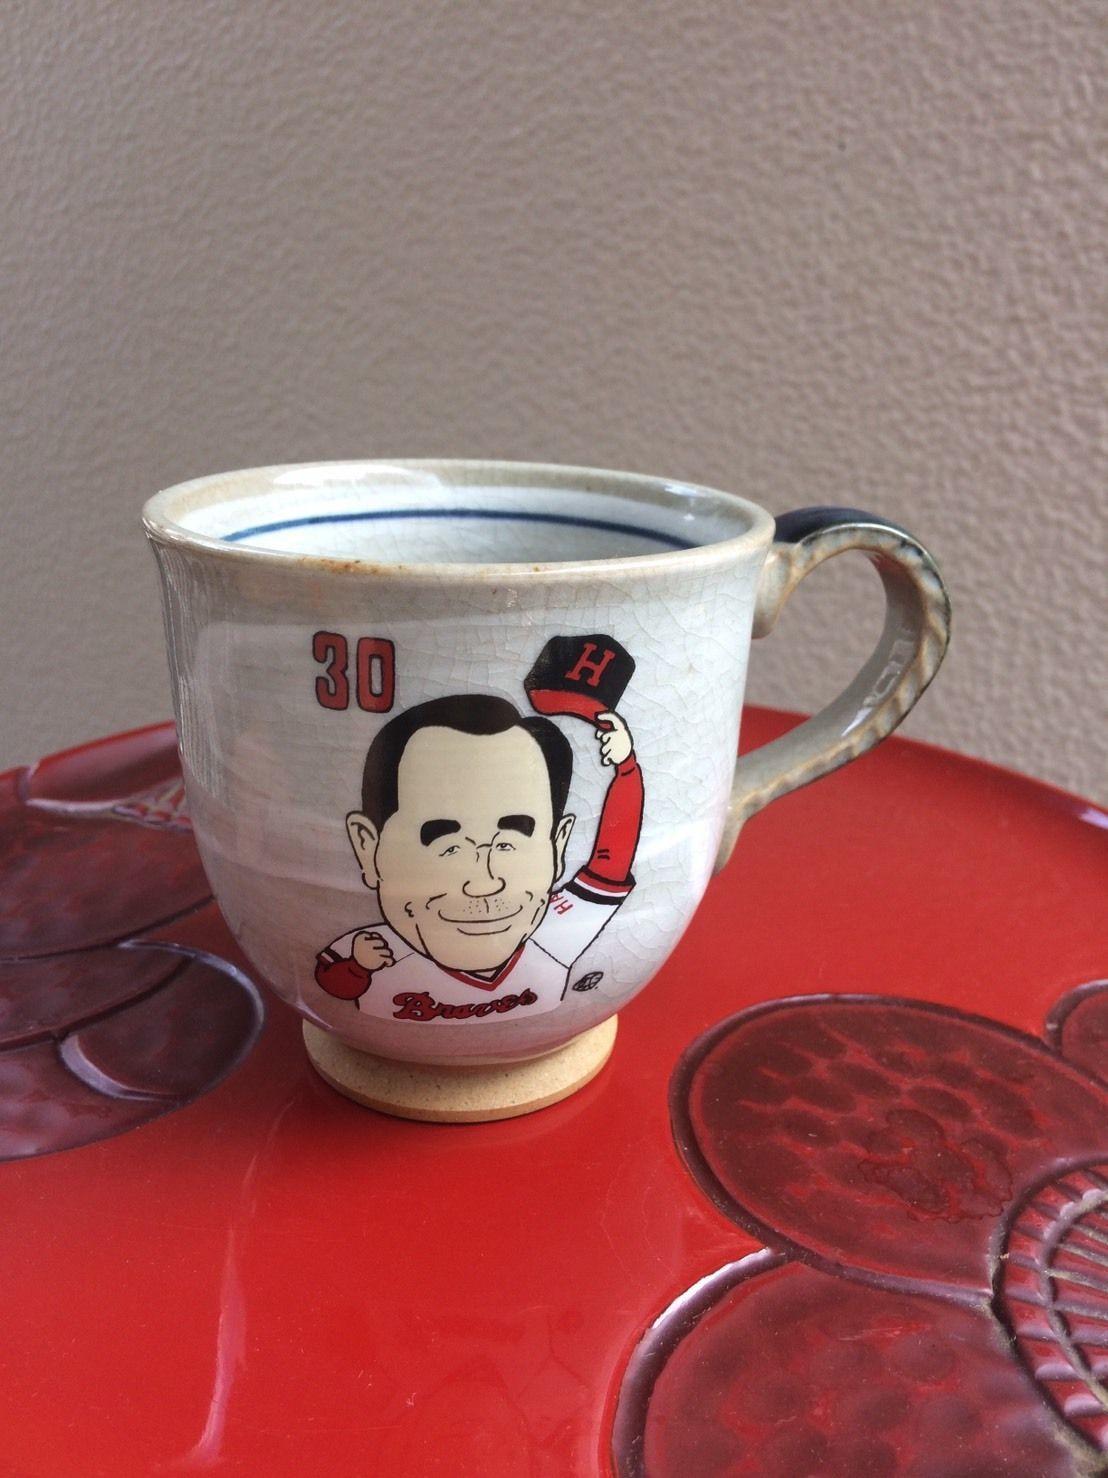 上田利治氏の野球殿堂入り記念のマグカップ ©えのきどいちろう